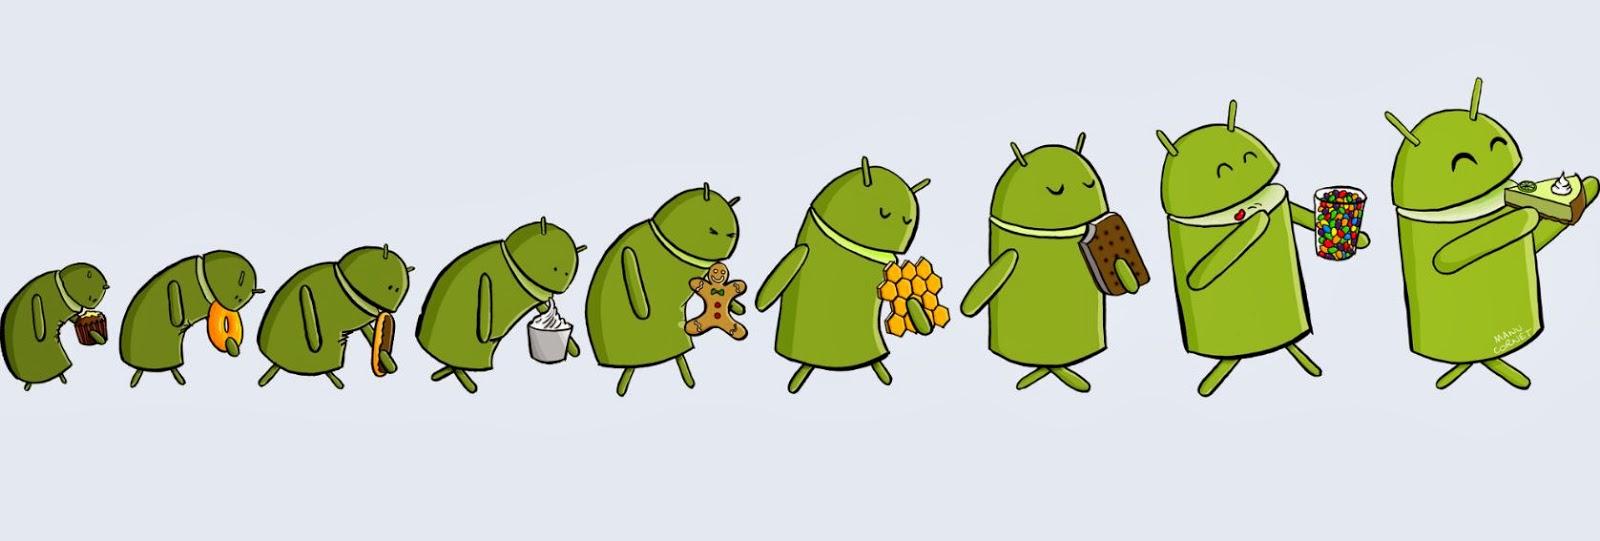 nuevos apps para android